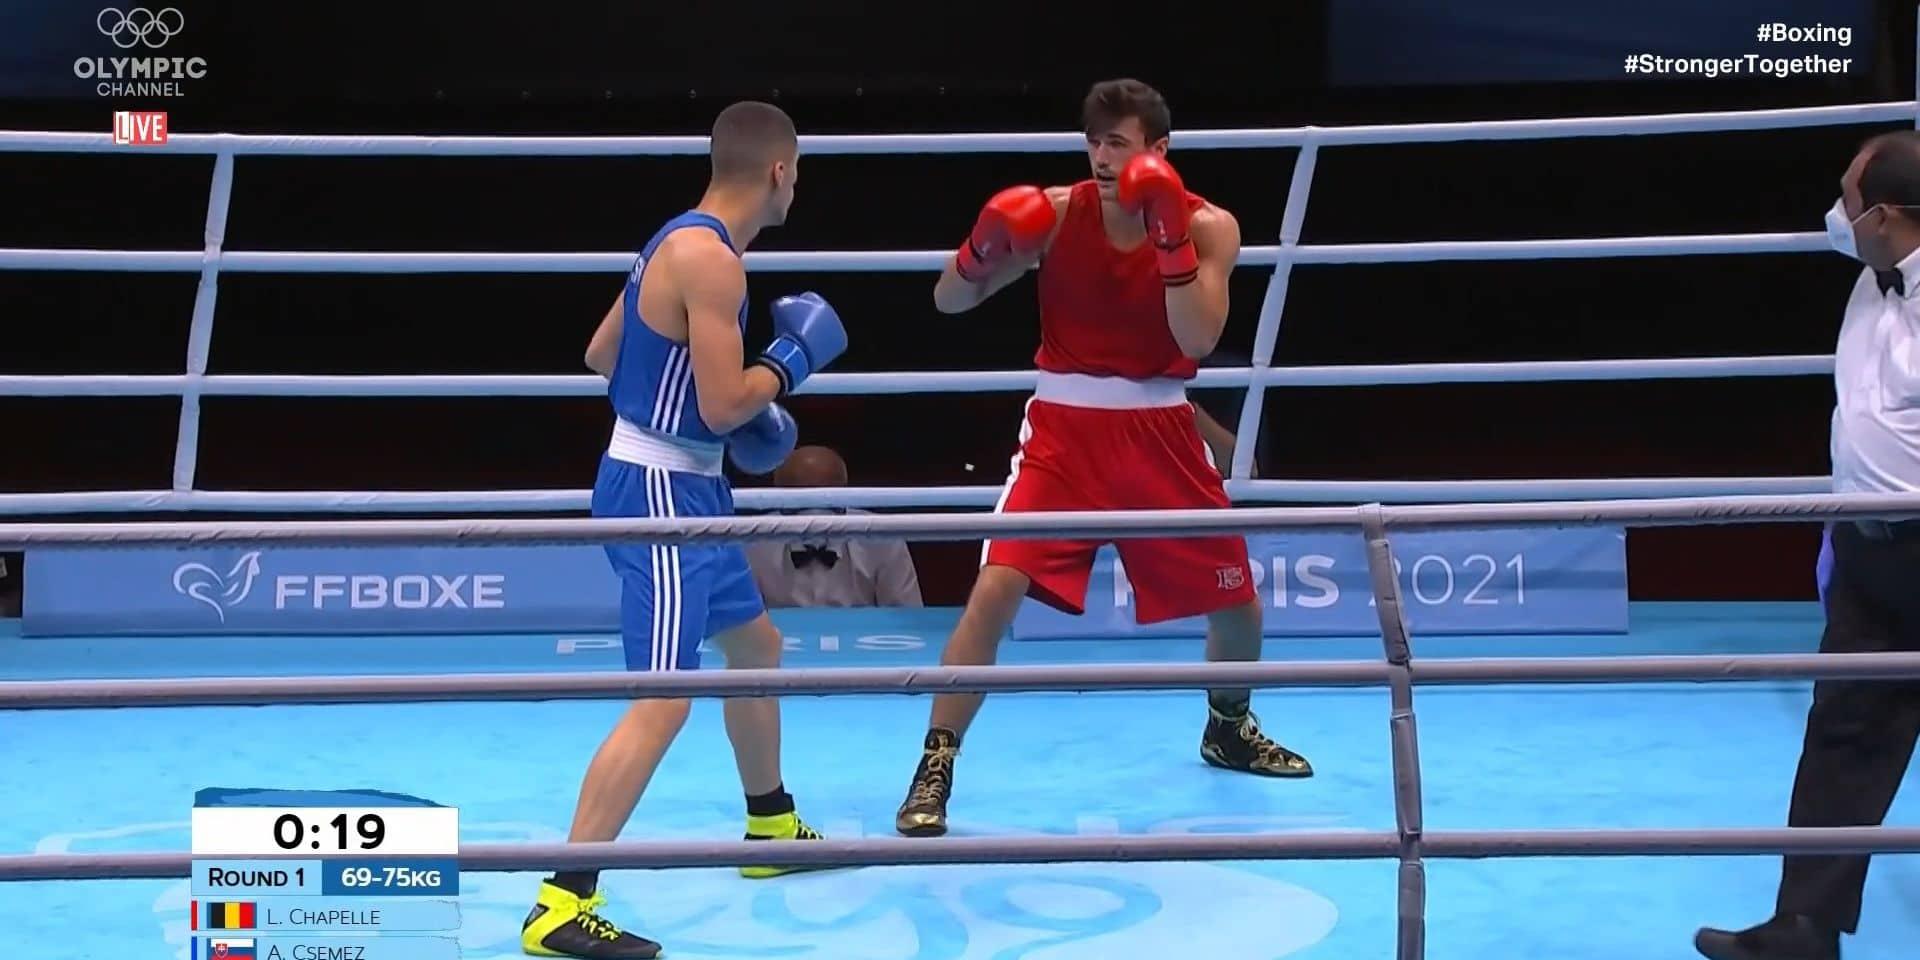 Boxe : Lancelot Proton de la Chapelle battu mais en route pour les Jeux olympiques